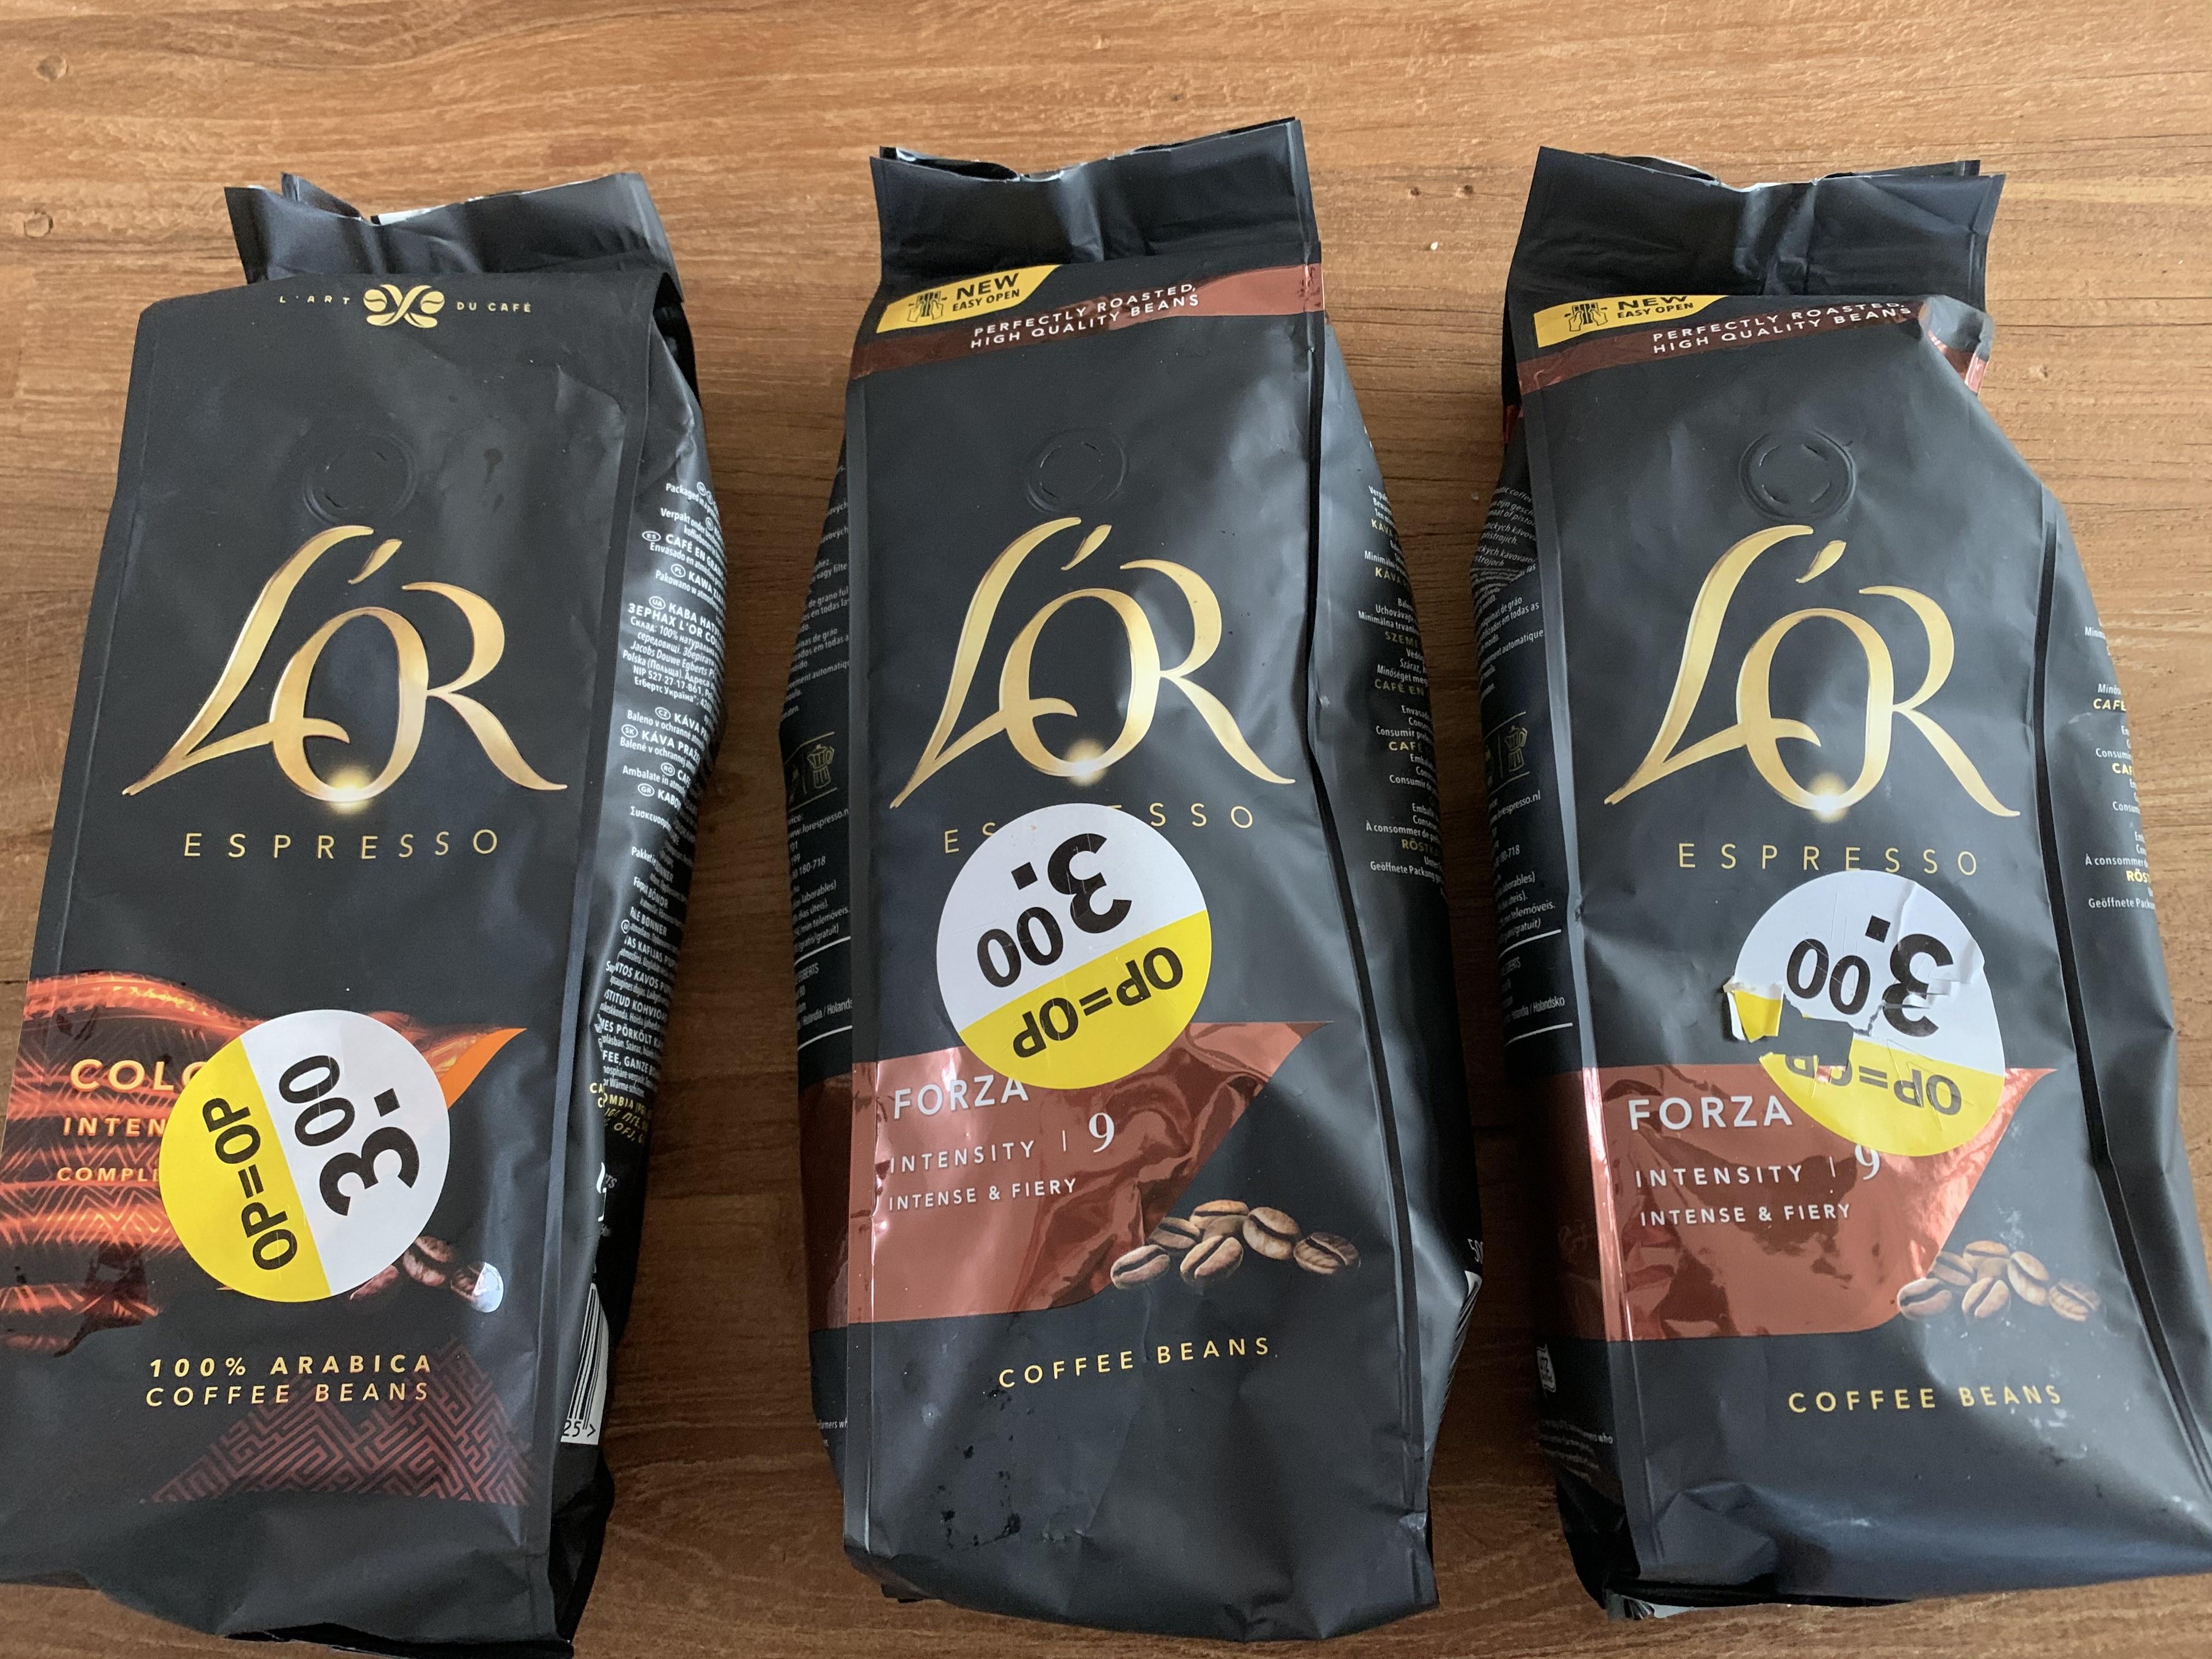 L'OR espresso bonen Forza 9 @Albert Heijn Scharnerweg Maastricht